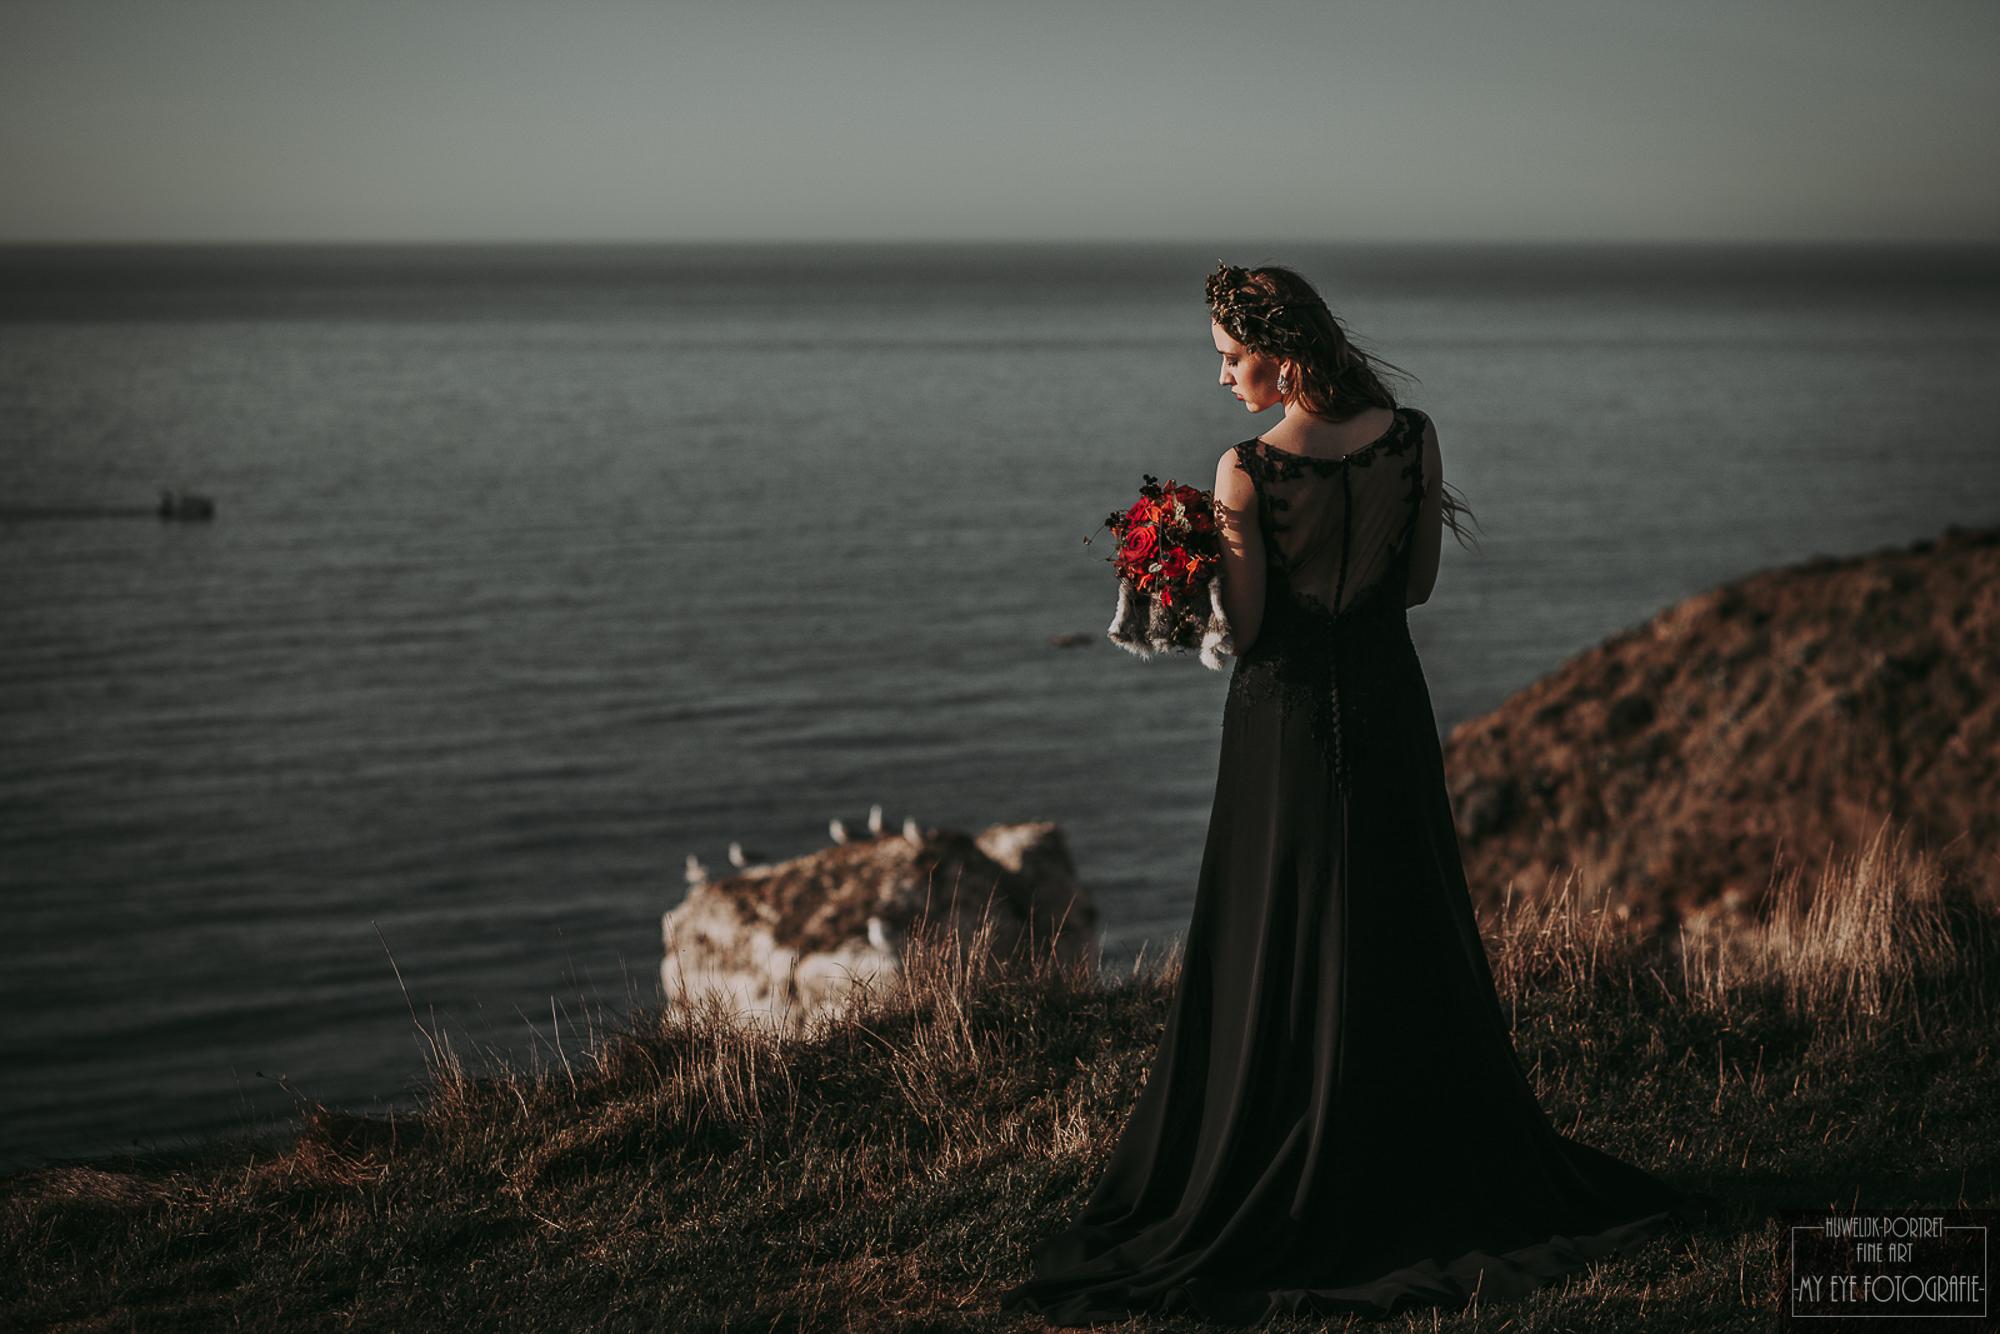 Bruid met zwarte jurk en rood boeket. Foto My Eye Fotografie